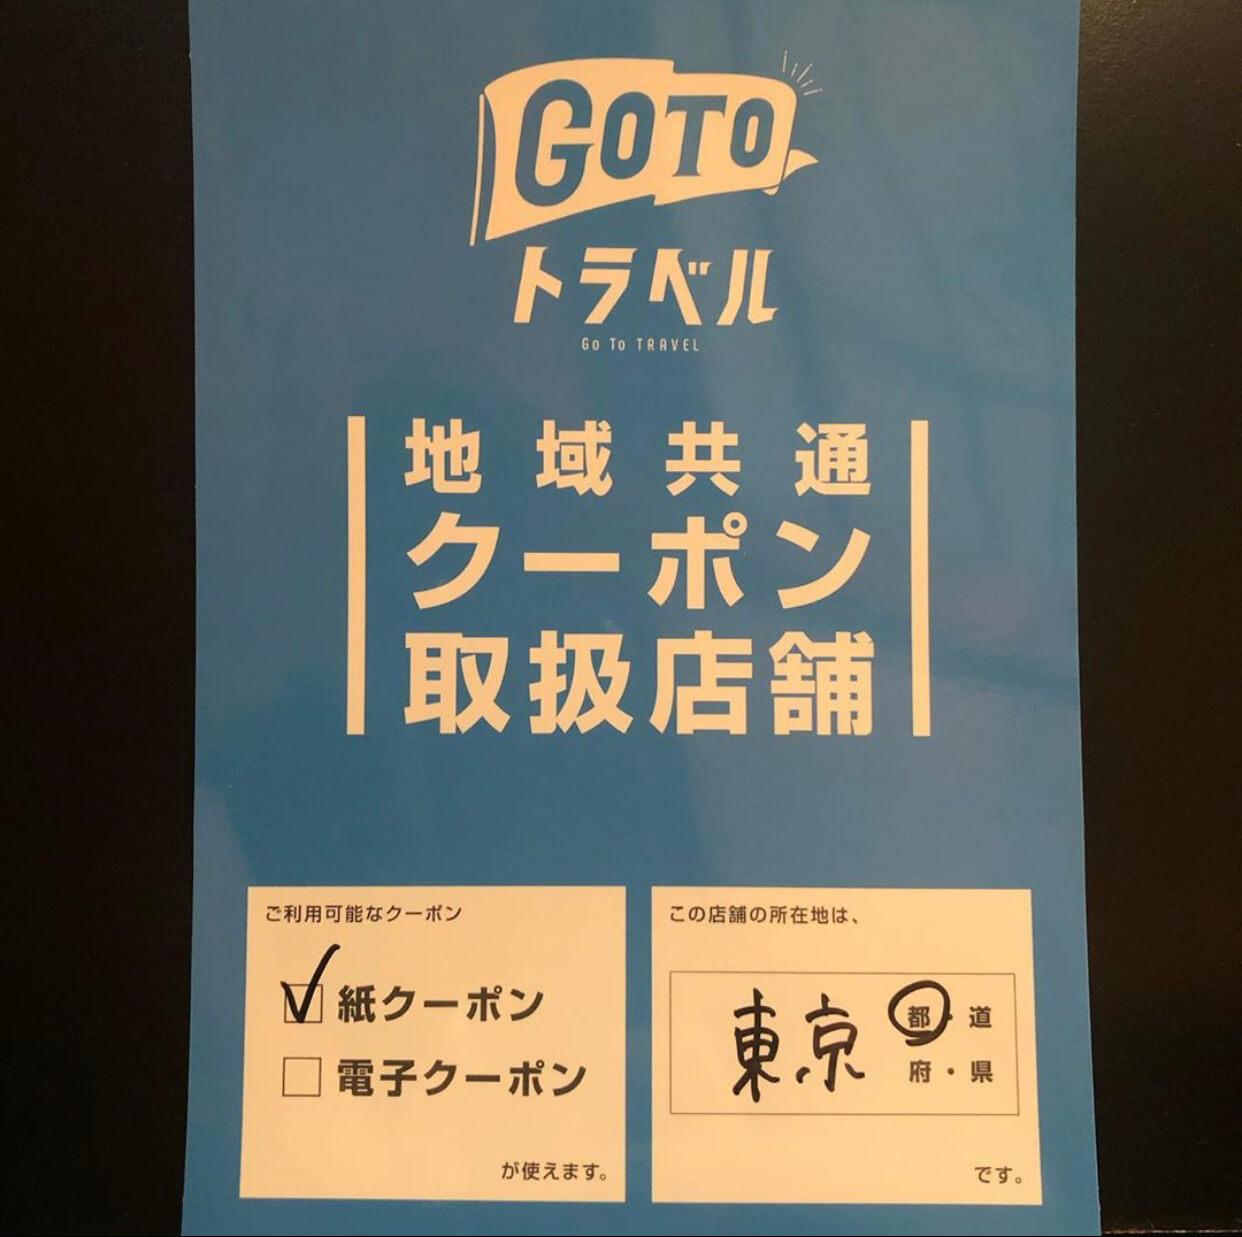 蒲田GoToトラベル地域共通クーポン